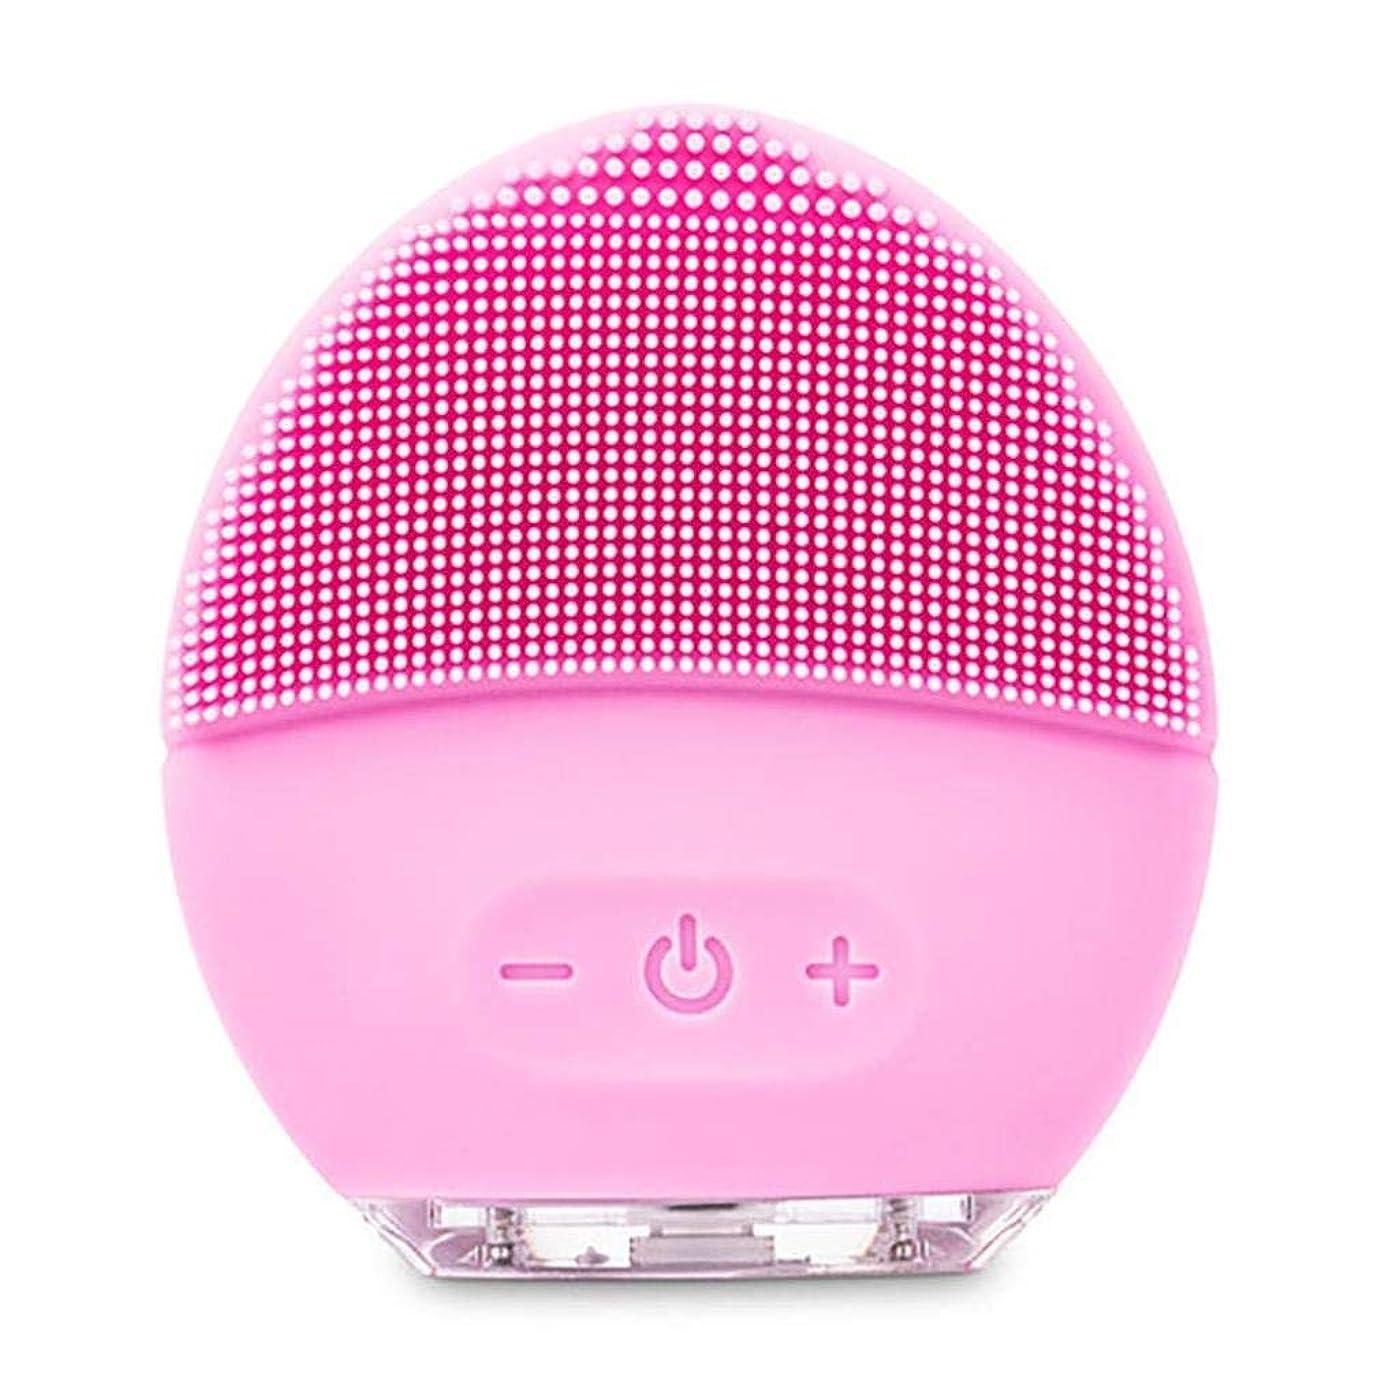 師匠郊外モスクレンジングマッサージ器、電動洗顔ブラシ、シリコーン美顔器、ファーミング肌、アンチエイジングスクラッチクレンザー (Color : ピンク, Size : One size)